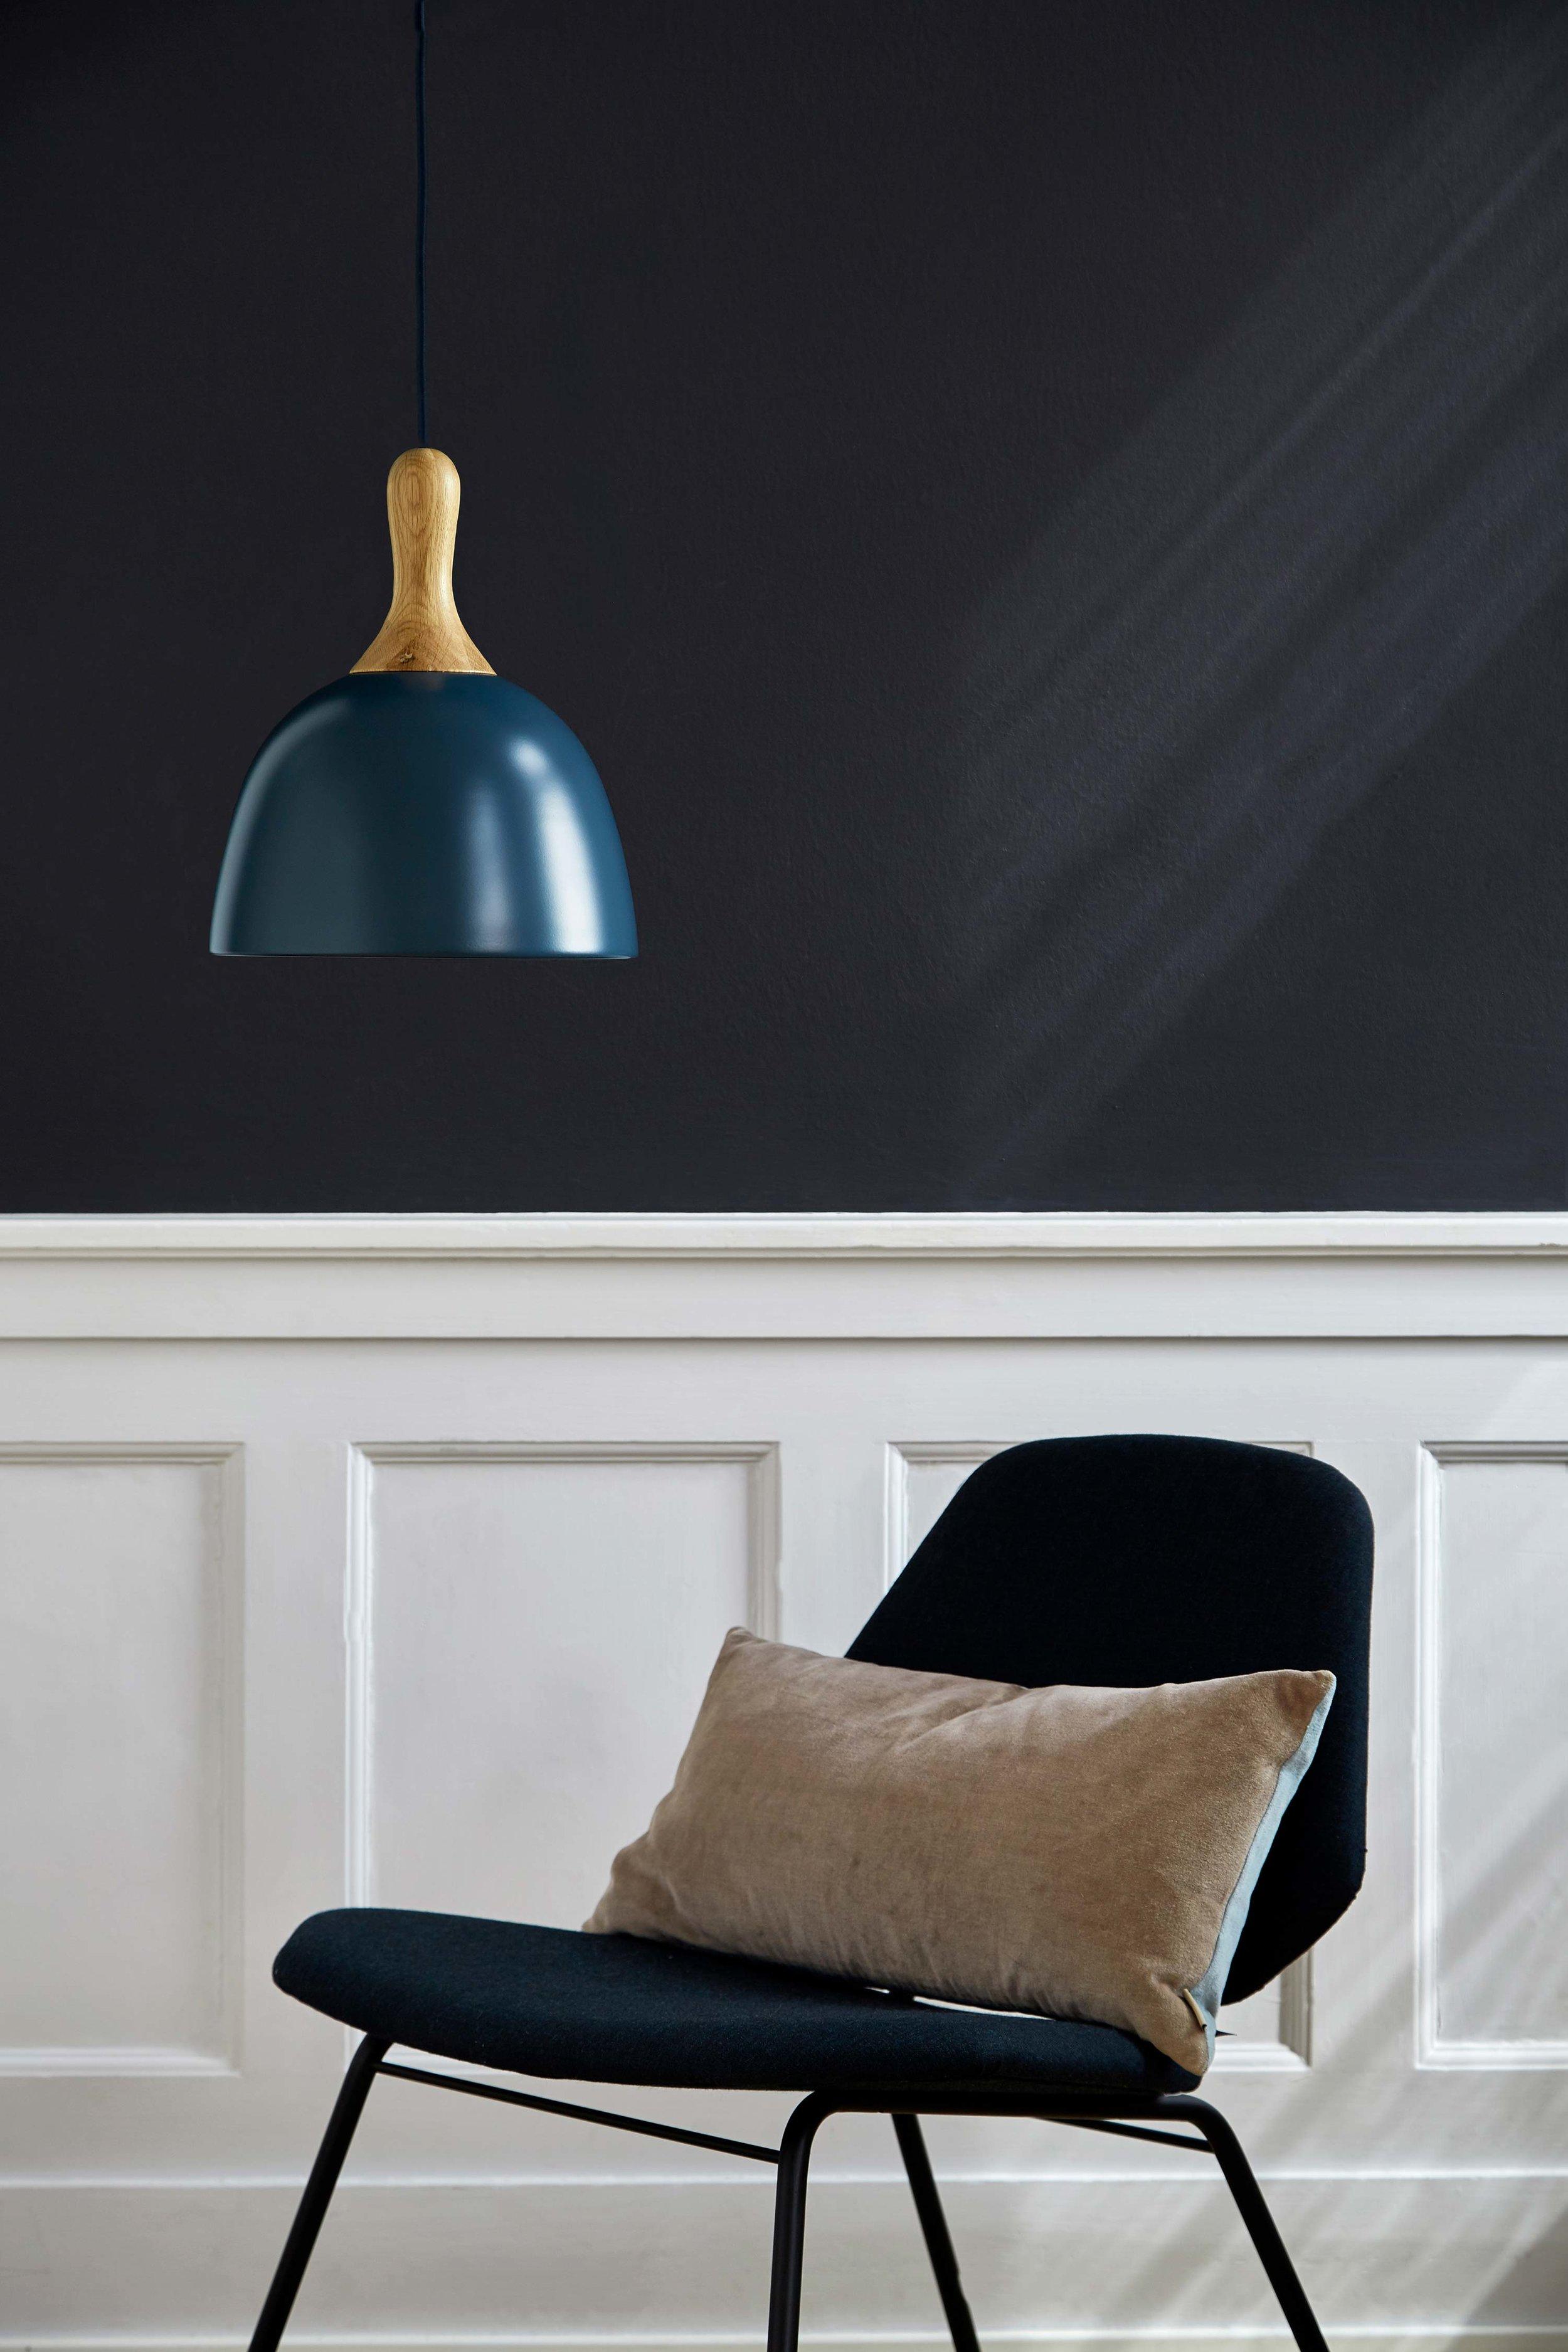 Topp-pendant-17.6-cm-blue-matt-oak-fixture---lifestyle-Raadhusgade-1399.jpg